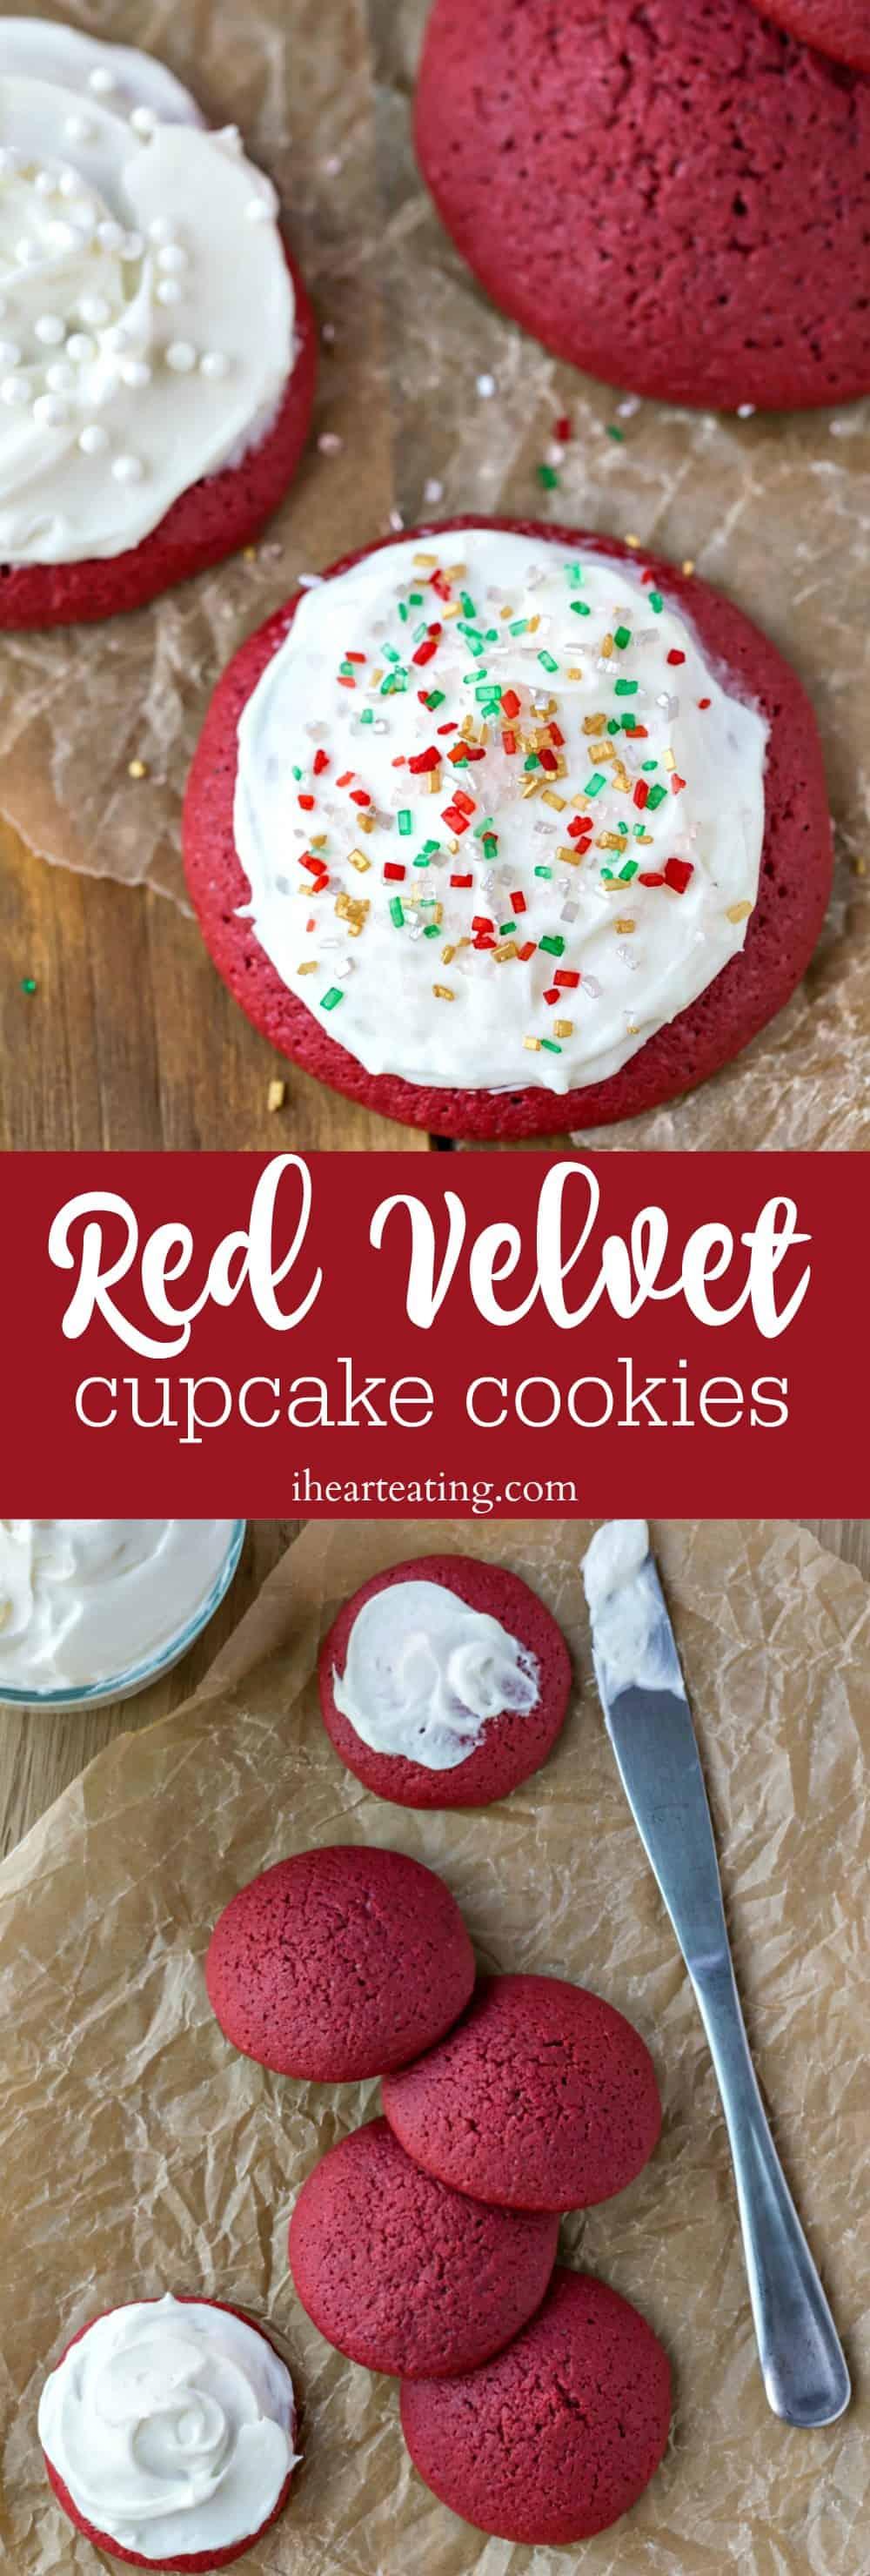 Red Velvet Cupcake Cookies taste just like a red velvet cupcake in cookie form!